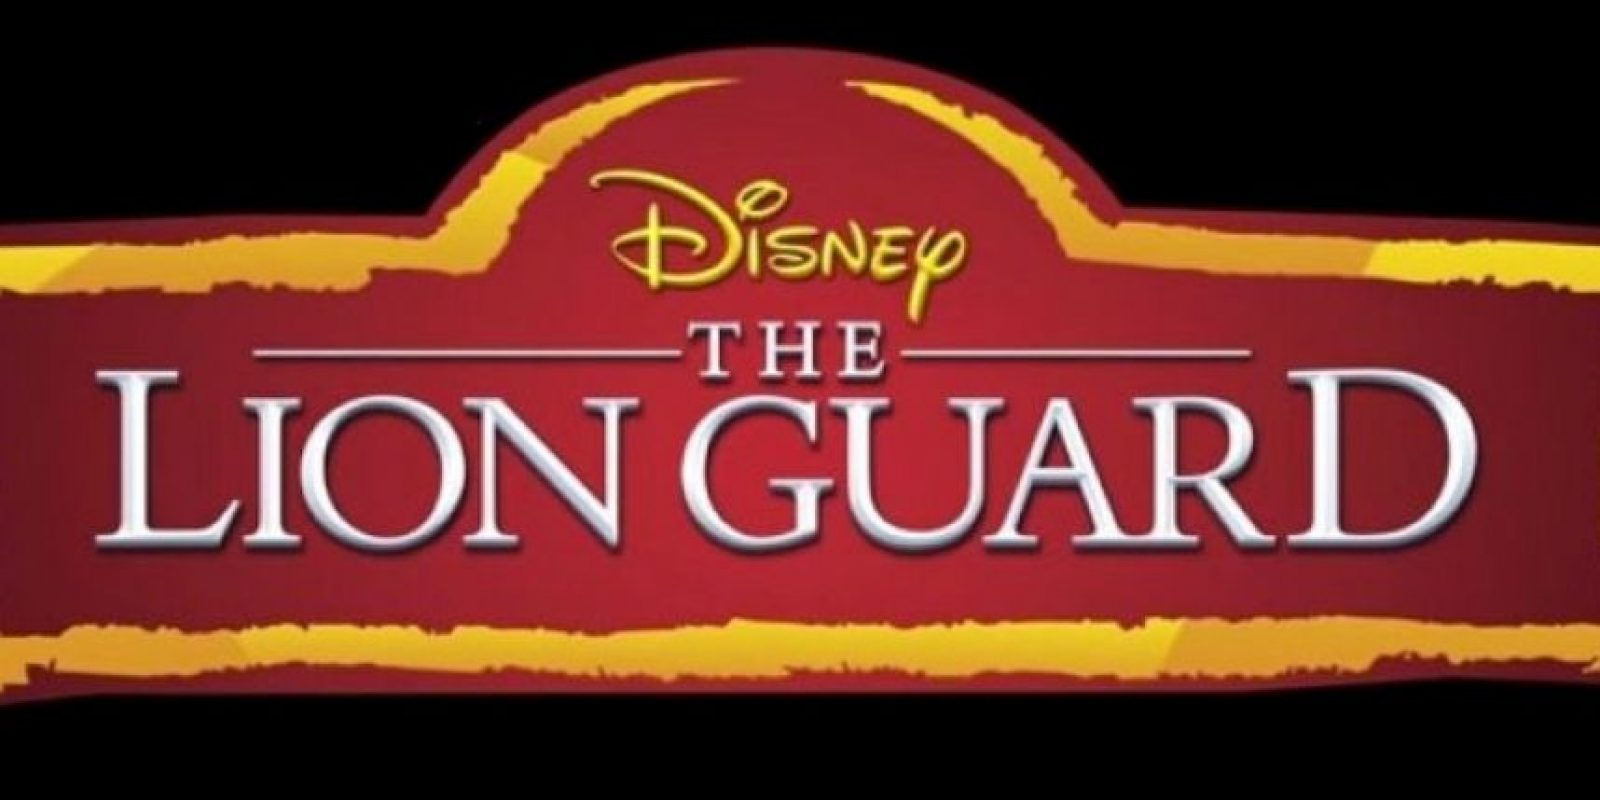 La nueva cinta animada será estrenada a través de Disney Channel el próximo mes de noviembre. Sin embargo, la historia del spin-off continuará el siguiente año con una serie de televisión. Foto:YouTube/DisneyJuniorPR